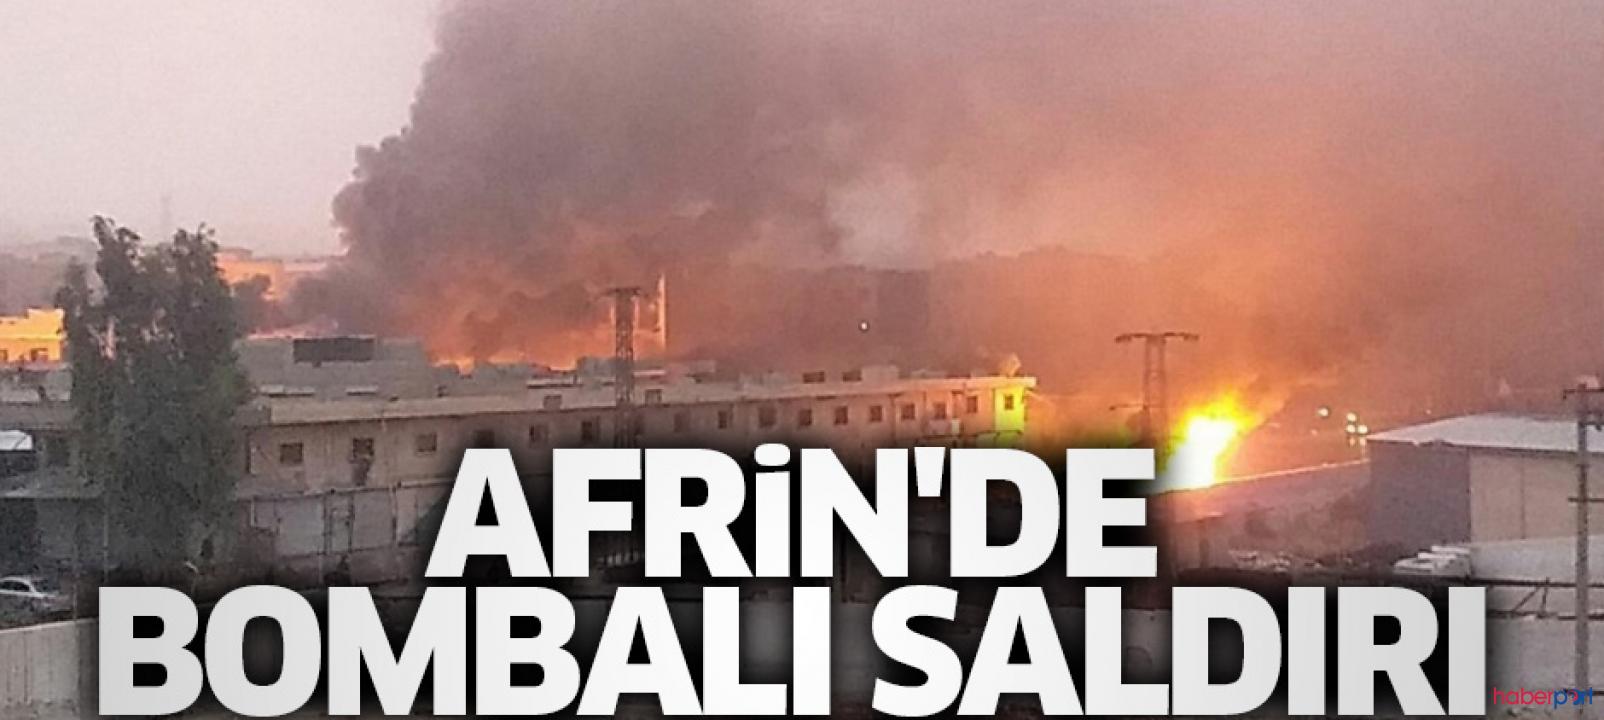 Suriye'nin Afrin ilçesinde bombalı araçla saldırı